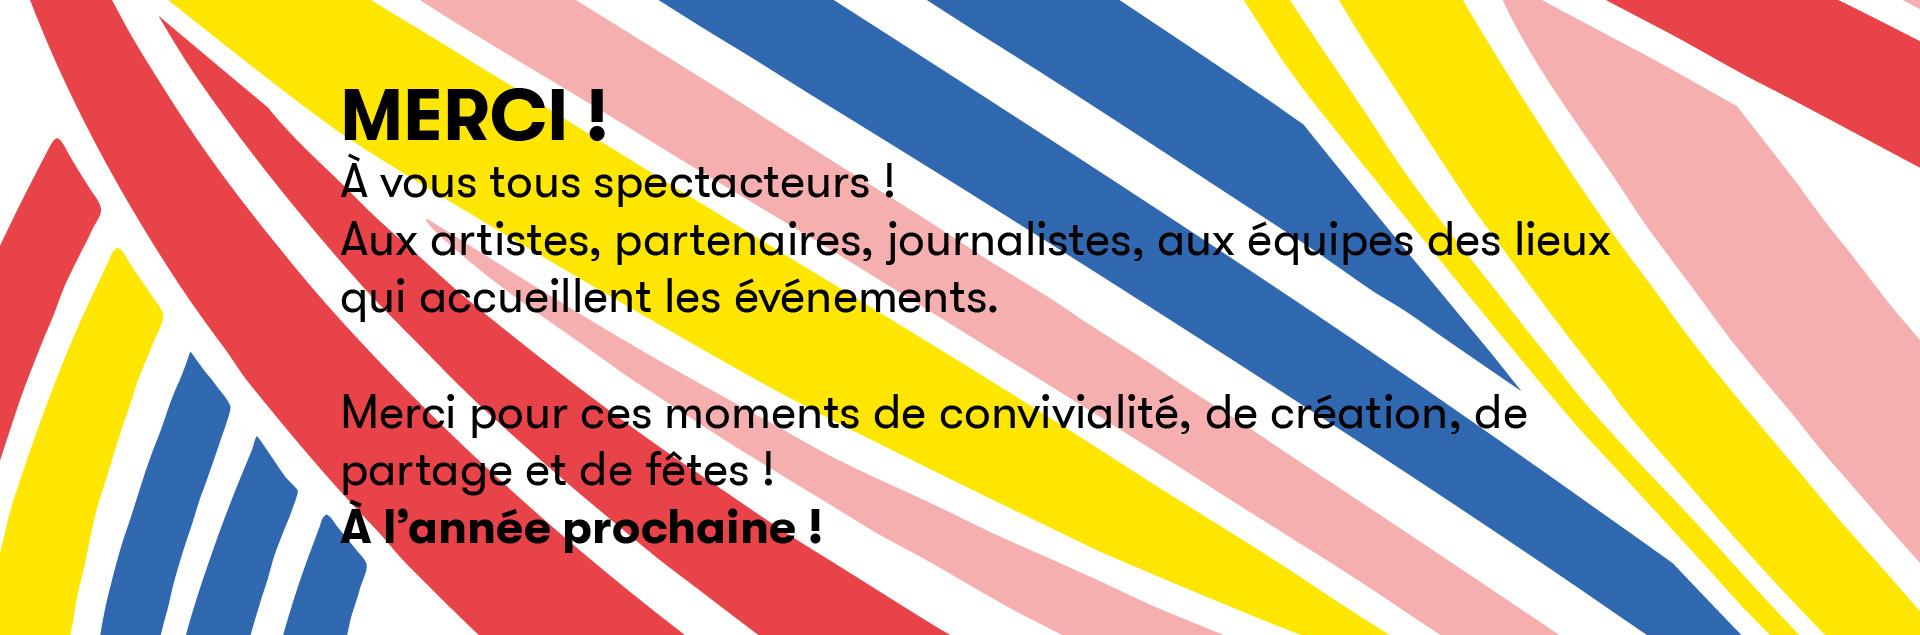 banniere-merci-01